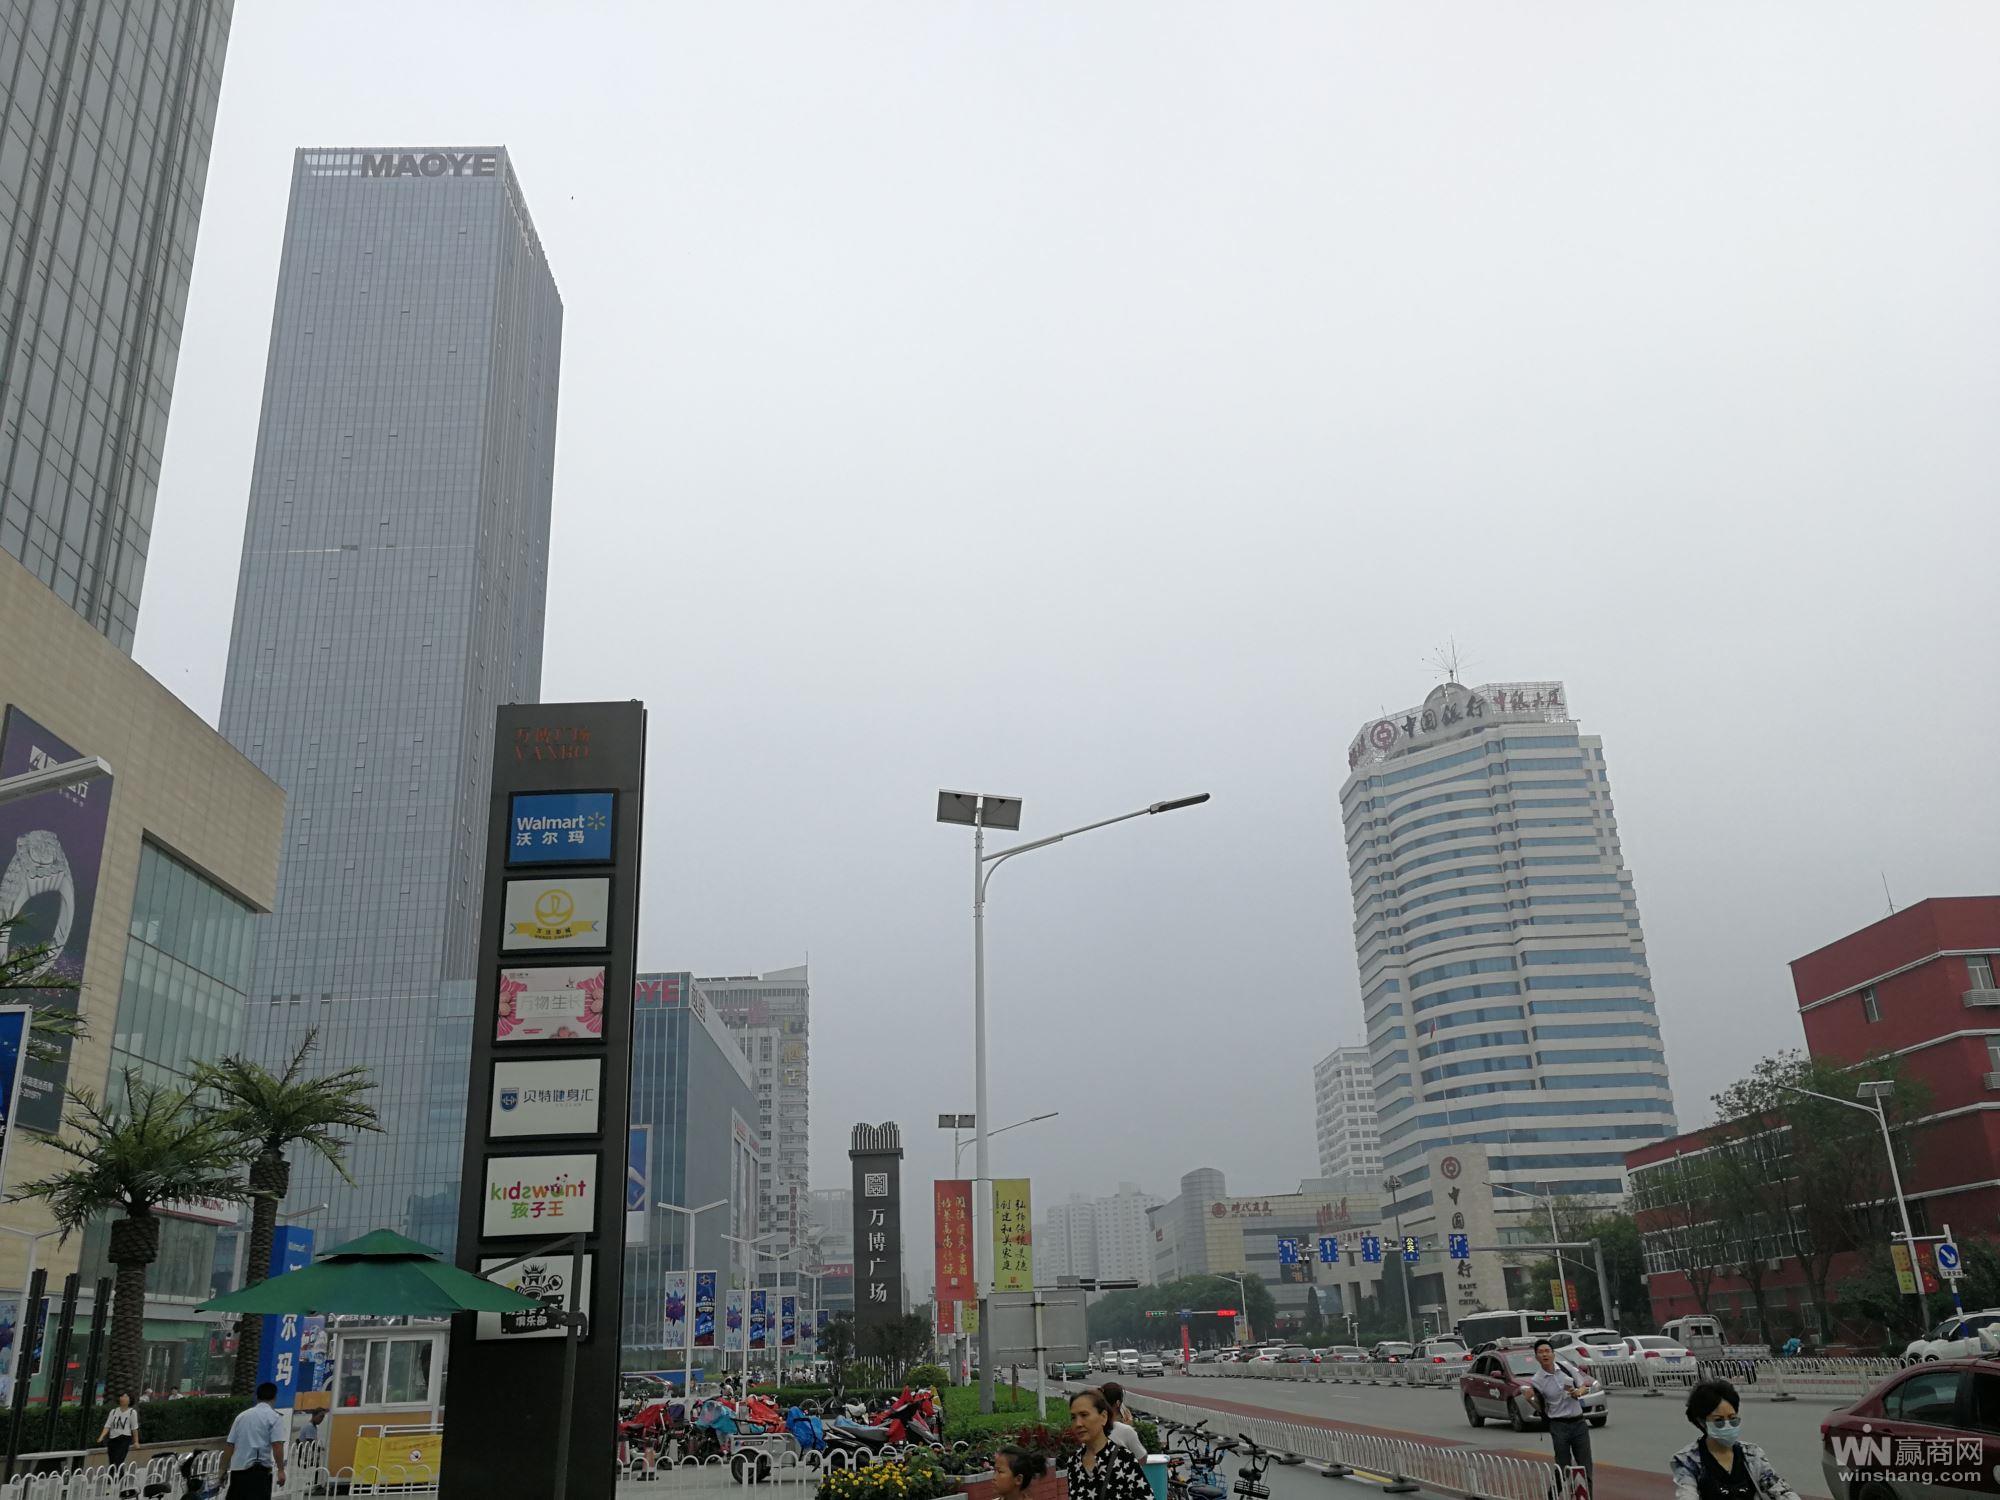 古城商业升级求变,保定万博广场蓄力前行